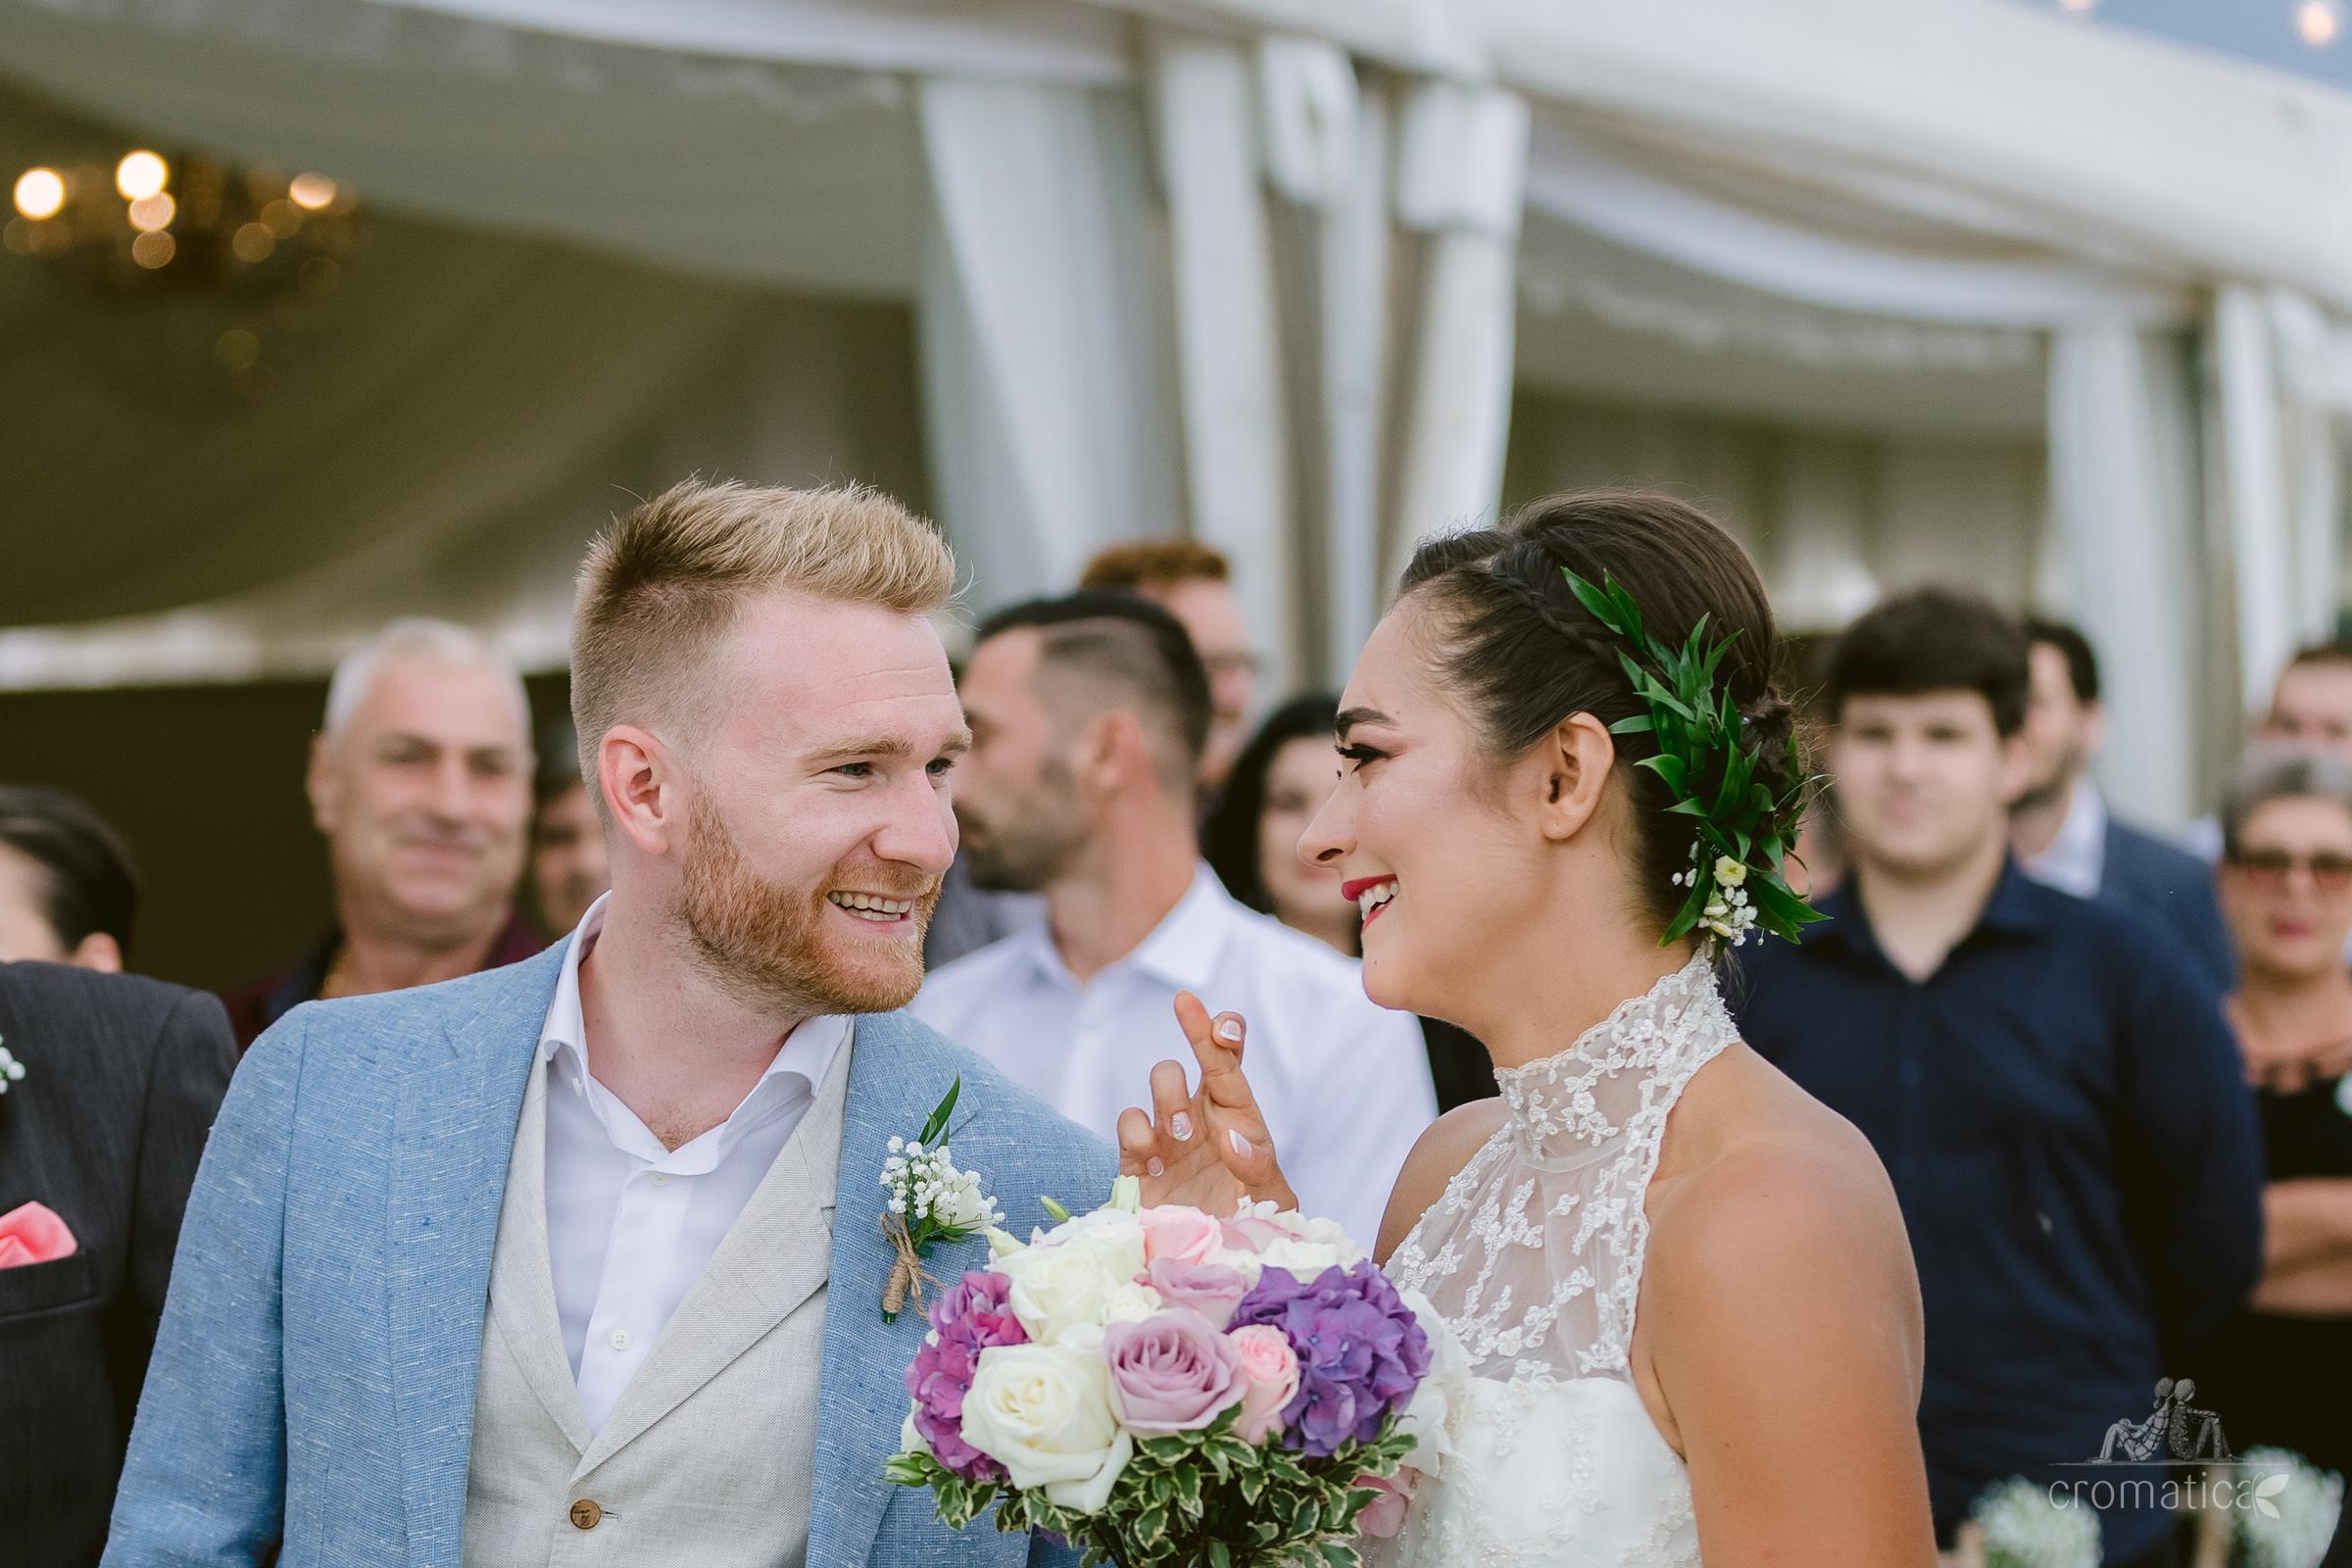 georgiana robert fotografii nunta casa vlasia 045